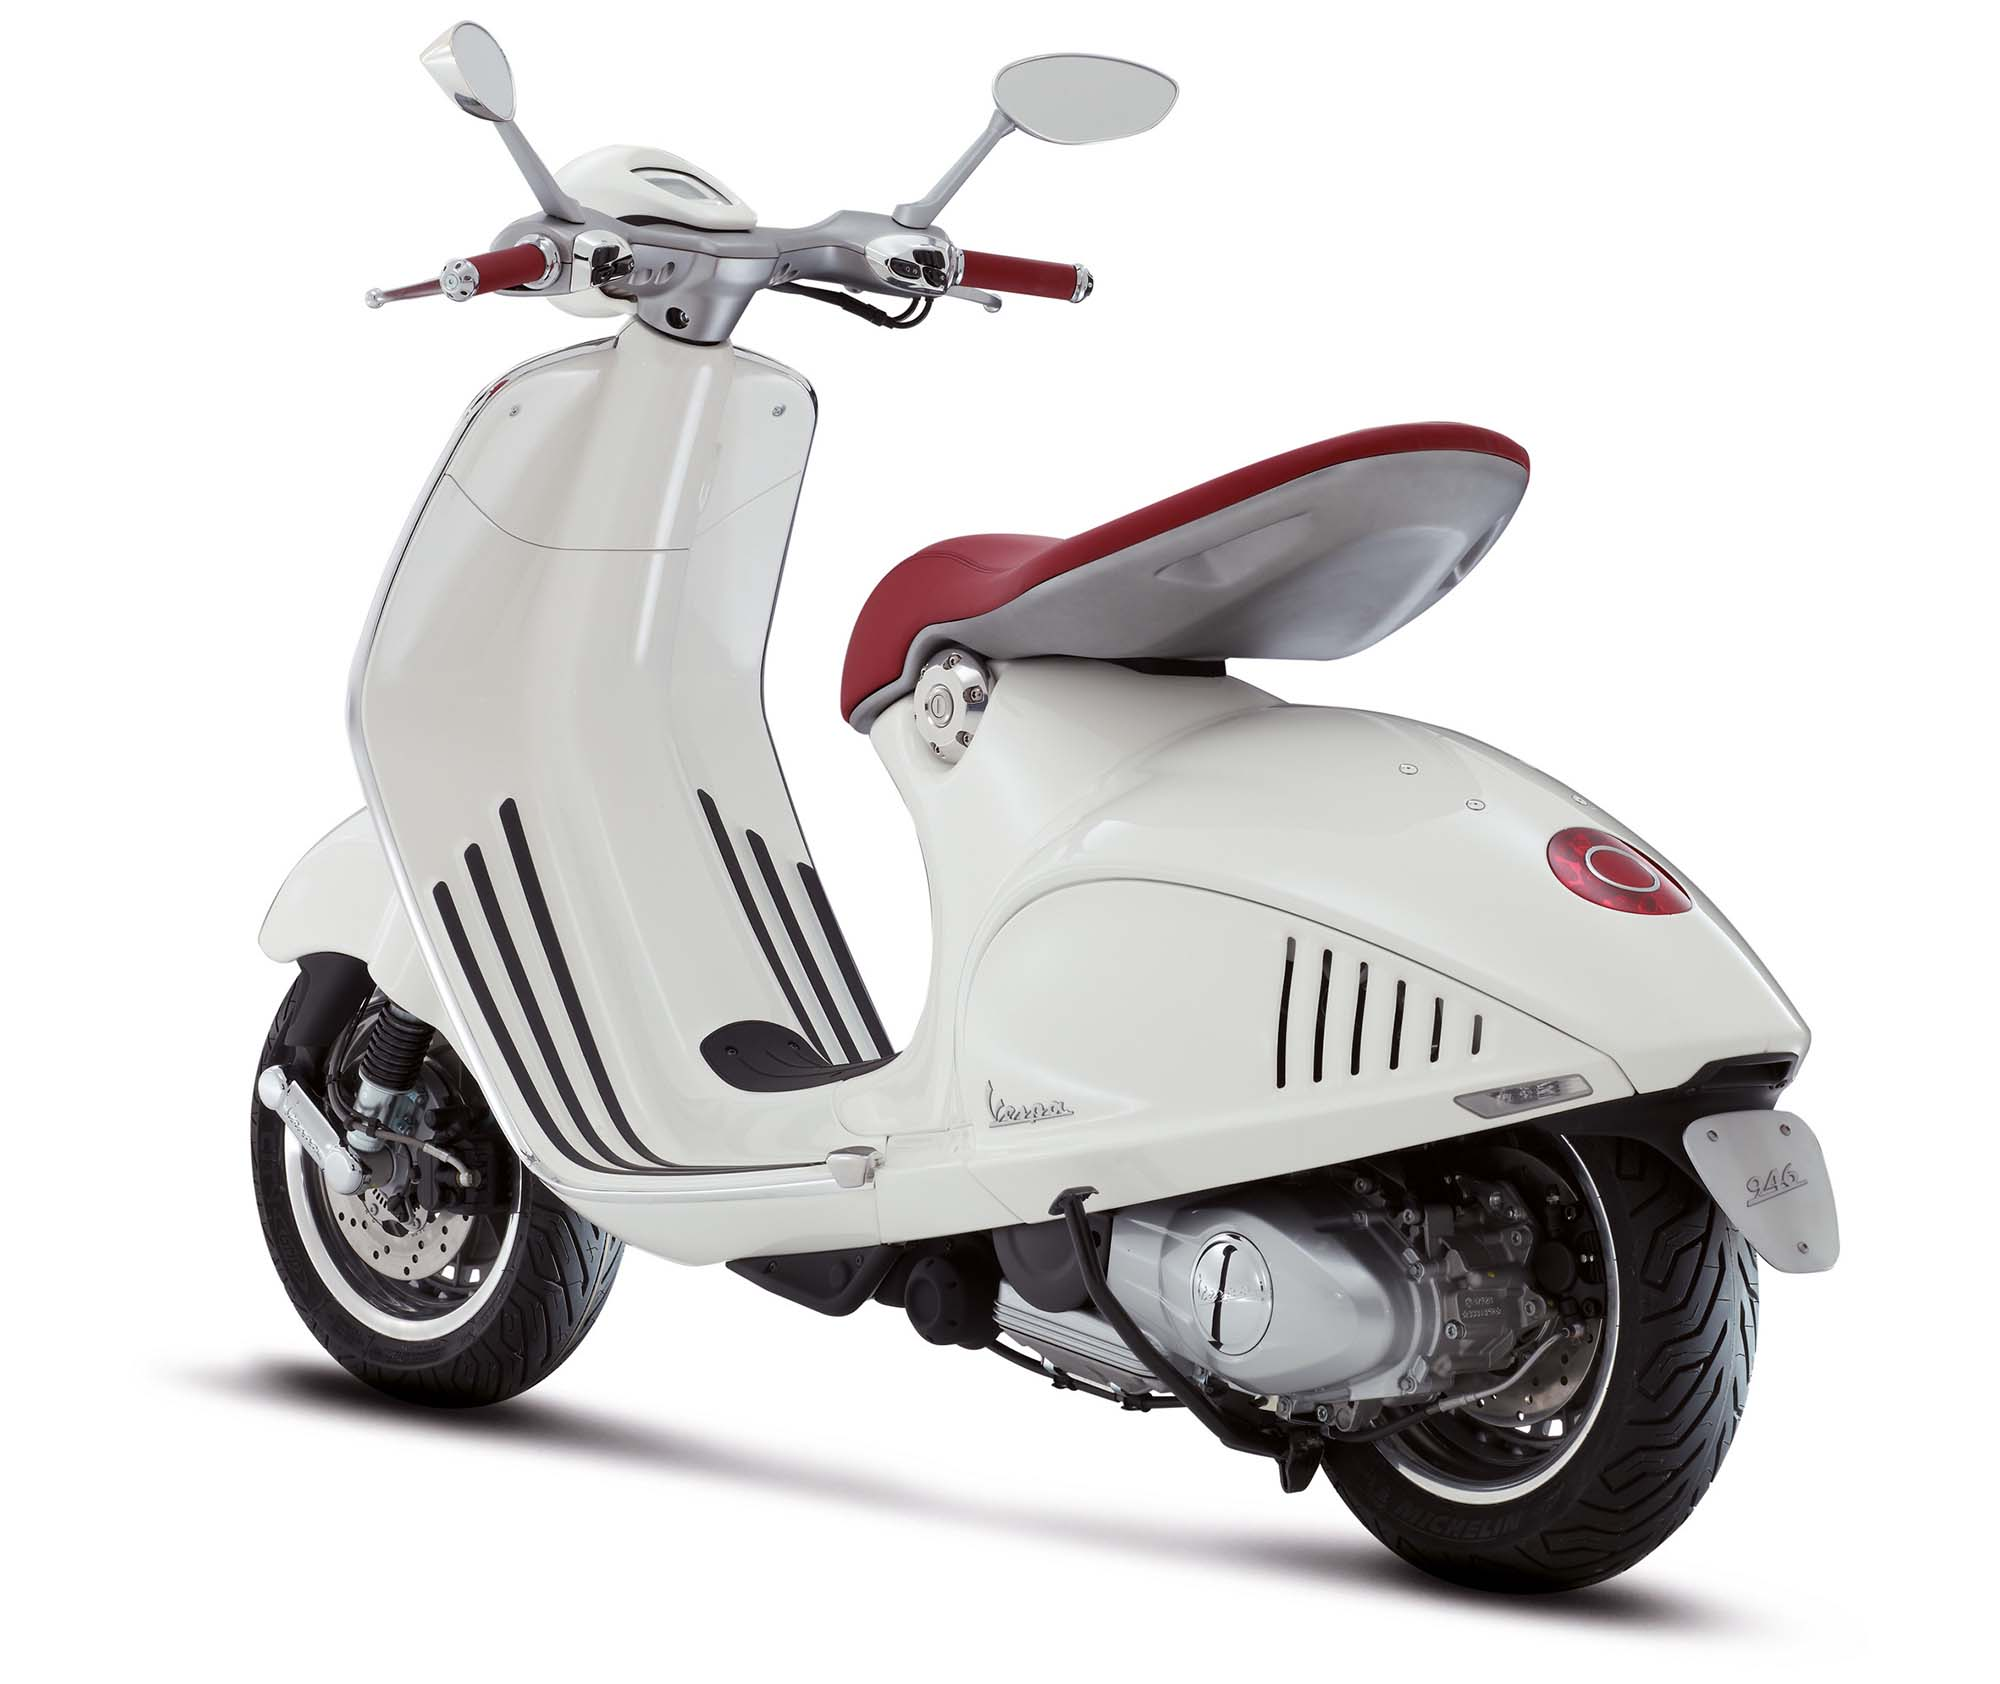 Piaggio lines up Vespa, Aprilia, Moto Guzzi for Auto Expo 2014